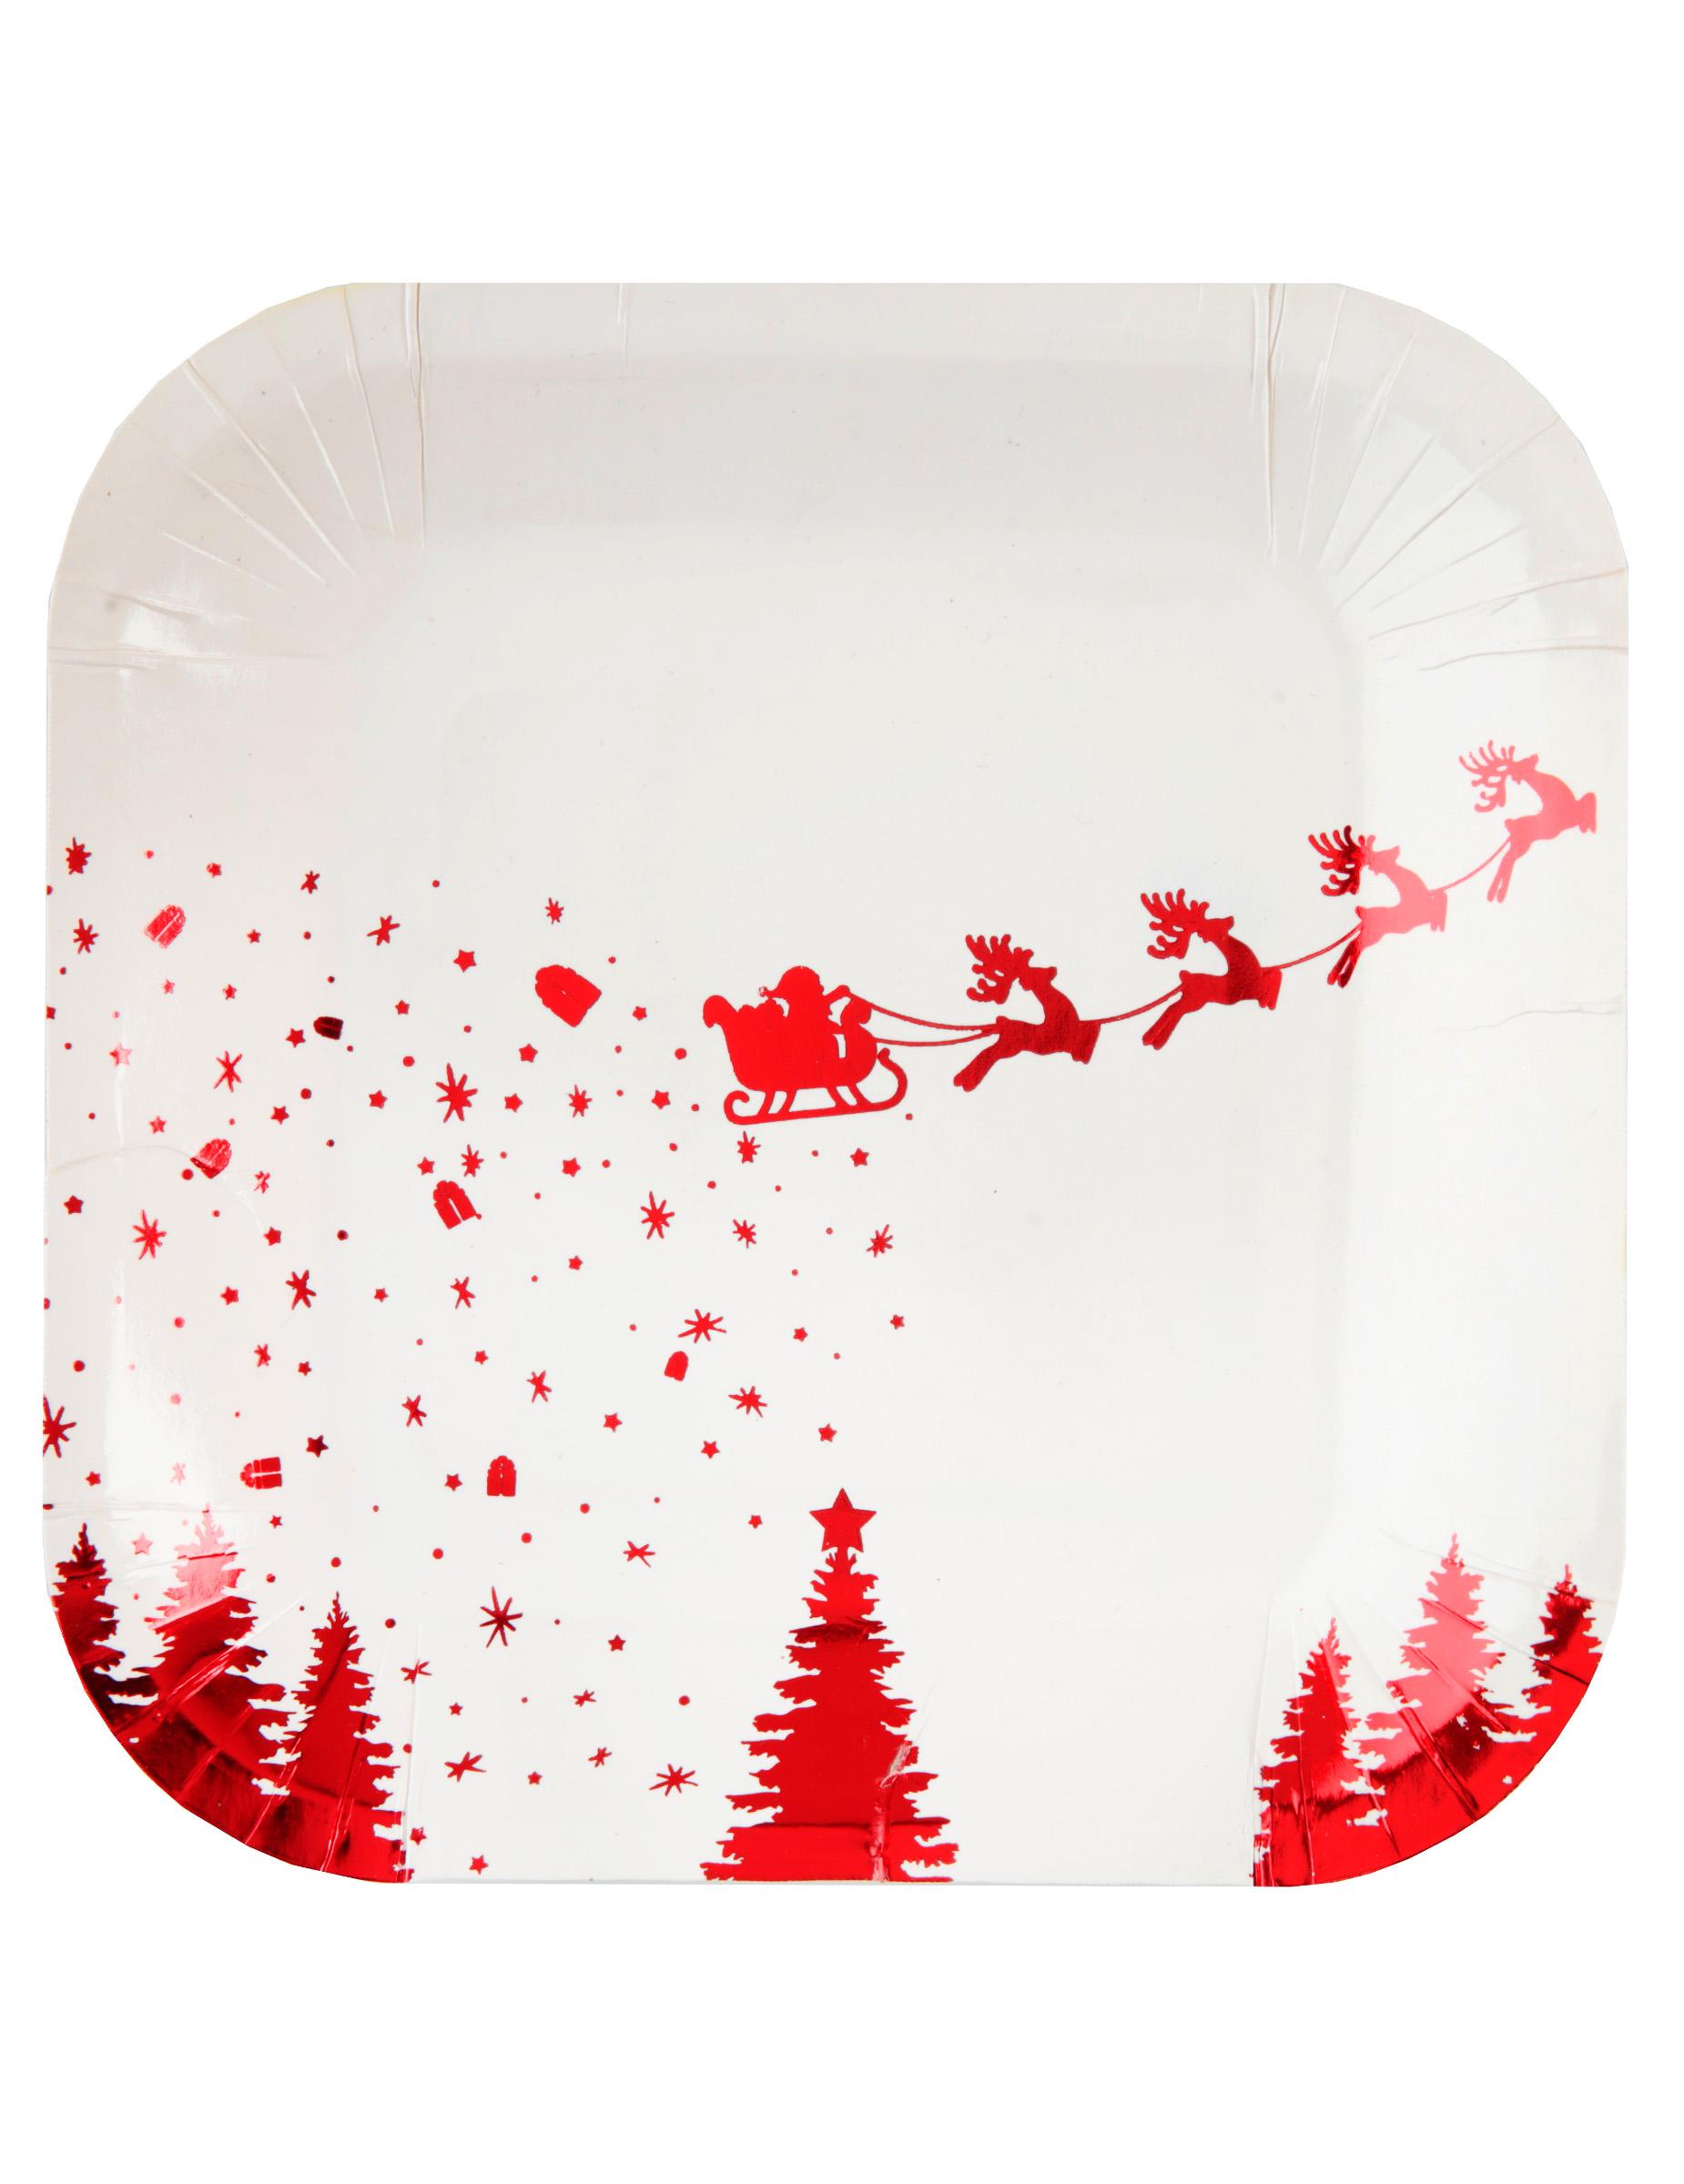 Slitta Di Babbo Natale Fai Da Te.10 Piattini In Cartone Slitta Di Babbo Natale Bianco E Rosso 18 Cm